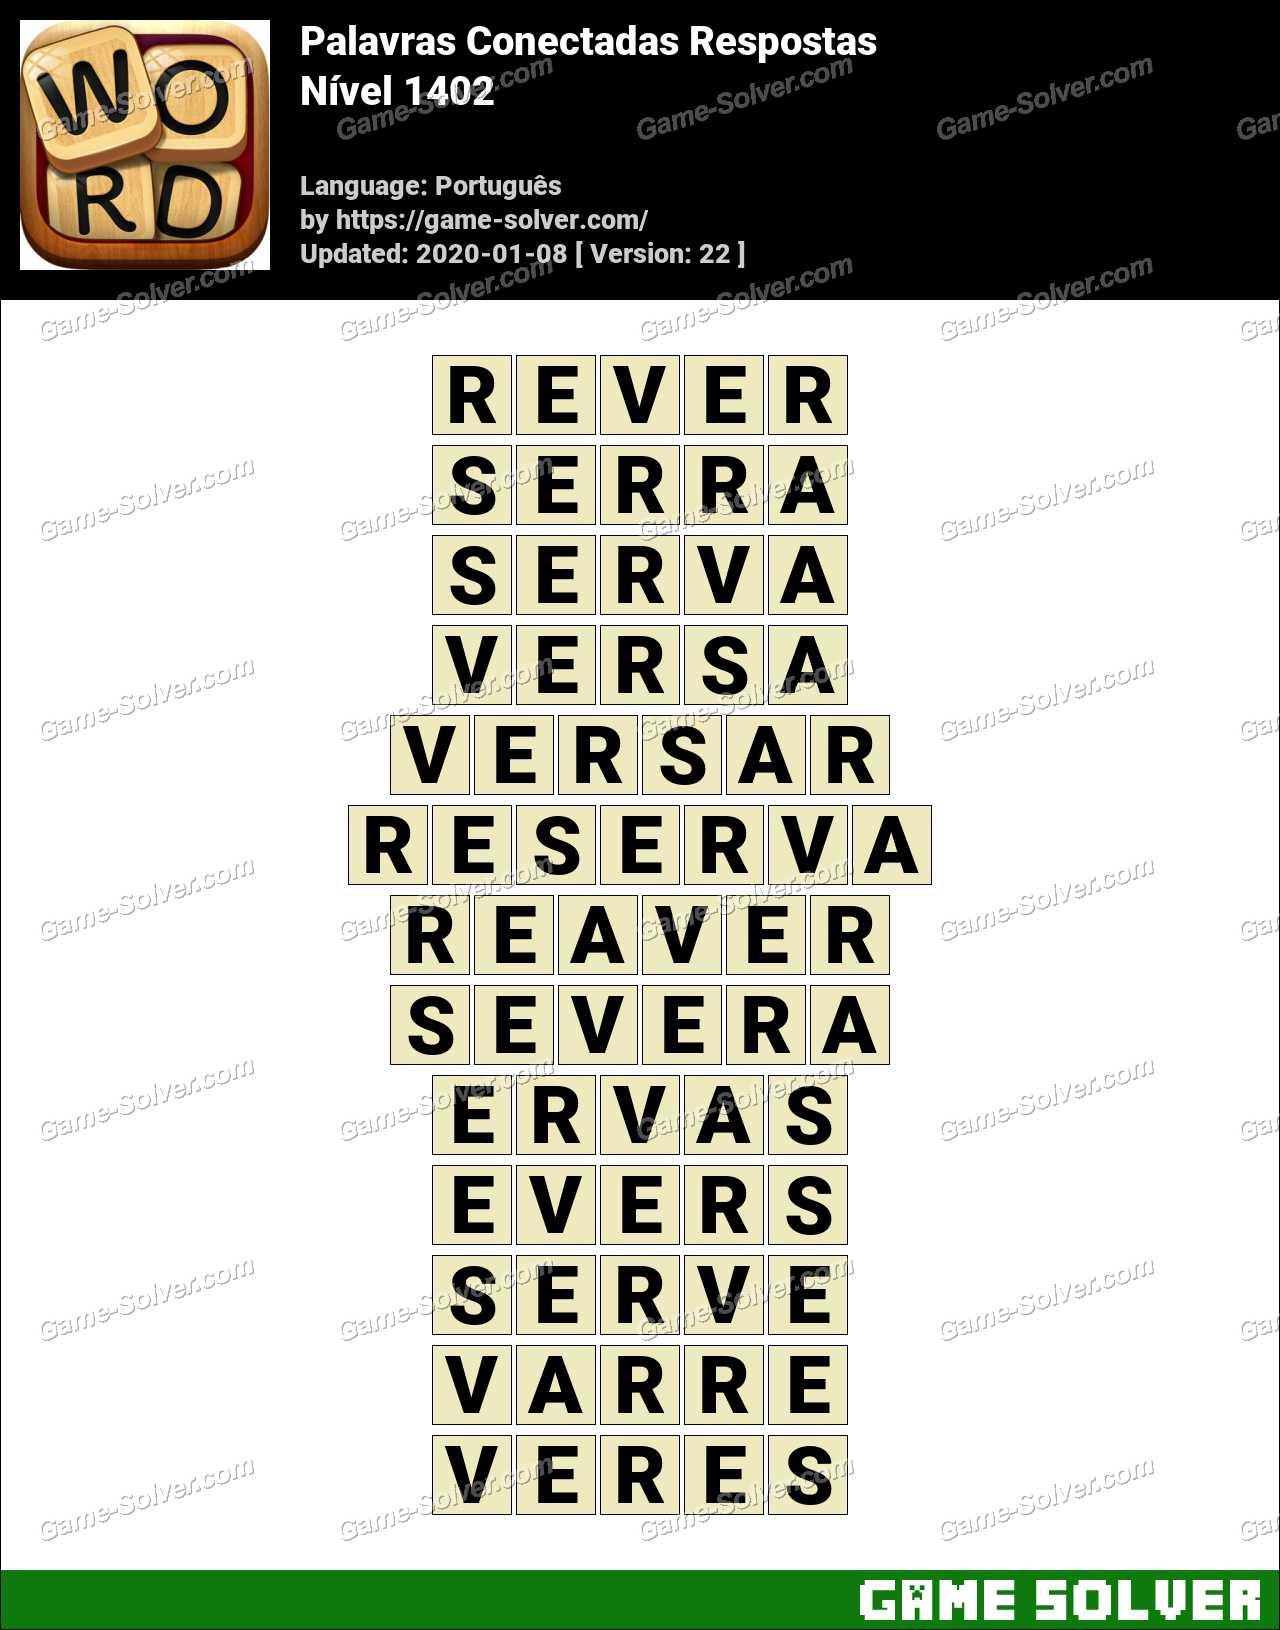 Palavras Conectadas Nivel 1402 Respostas